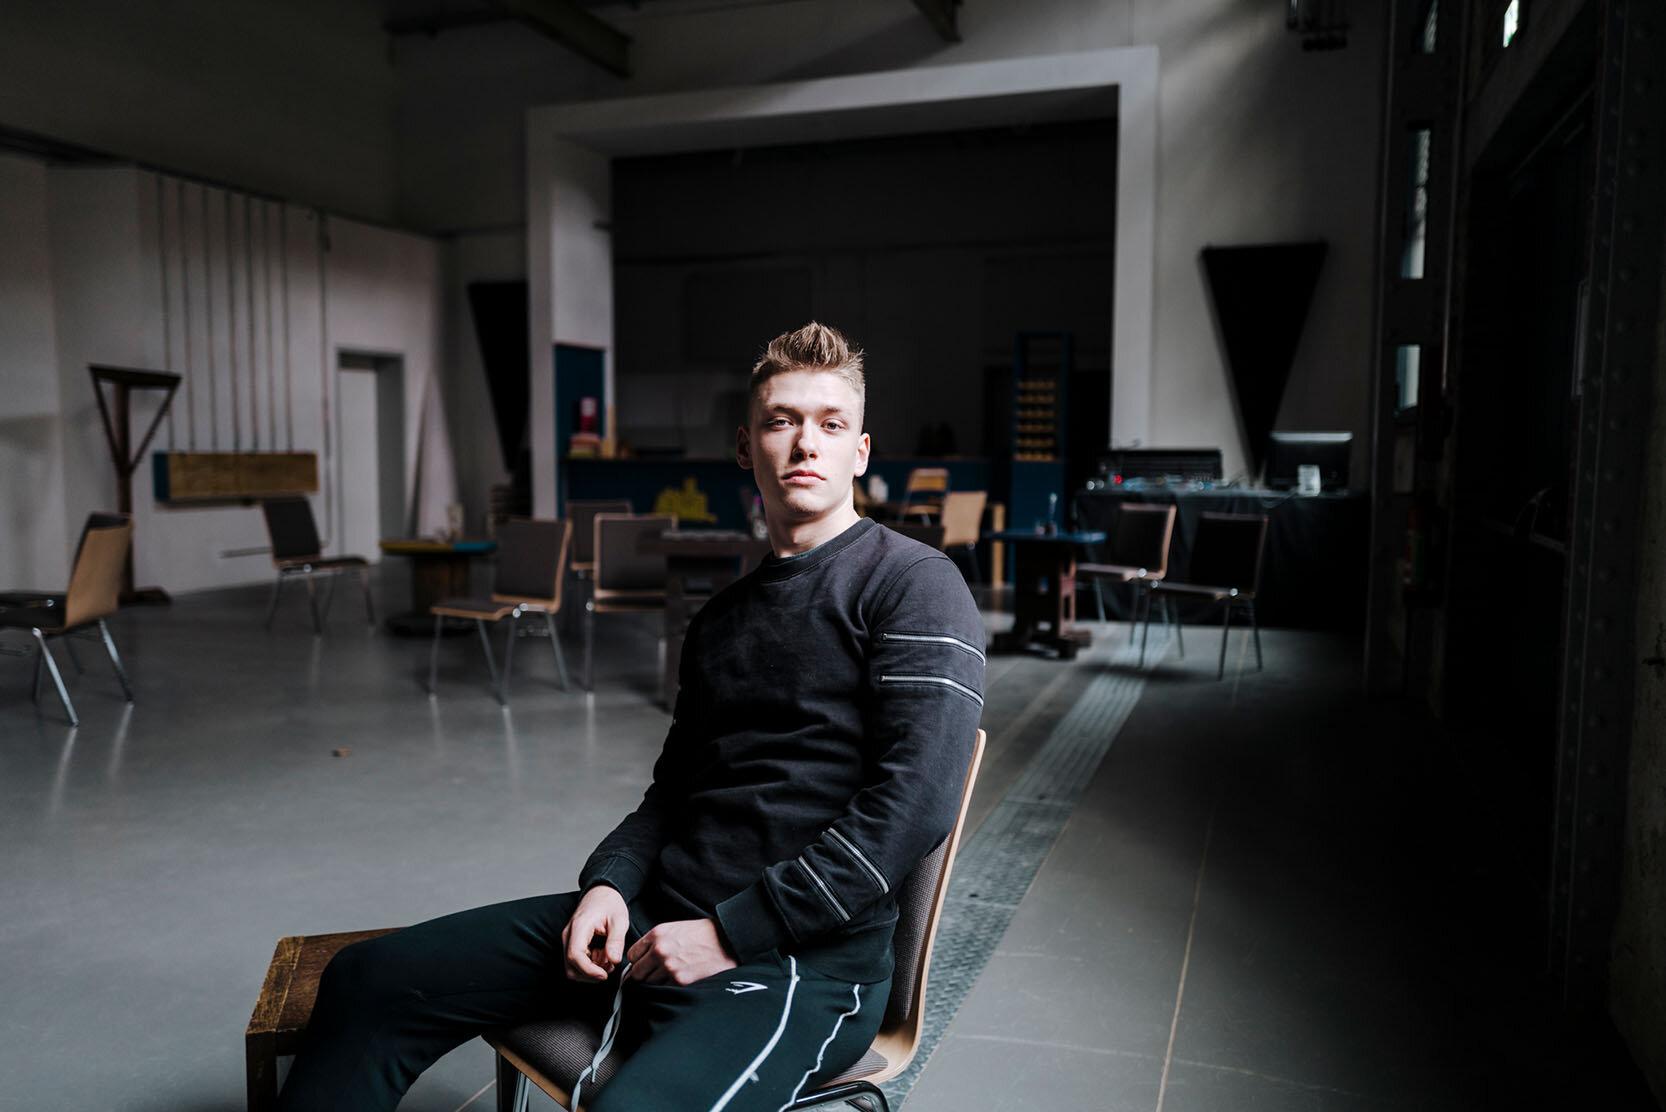 Alexander Rueth, macht das Freiwillige Soziales Jahr im Jugendhaus Rabryka